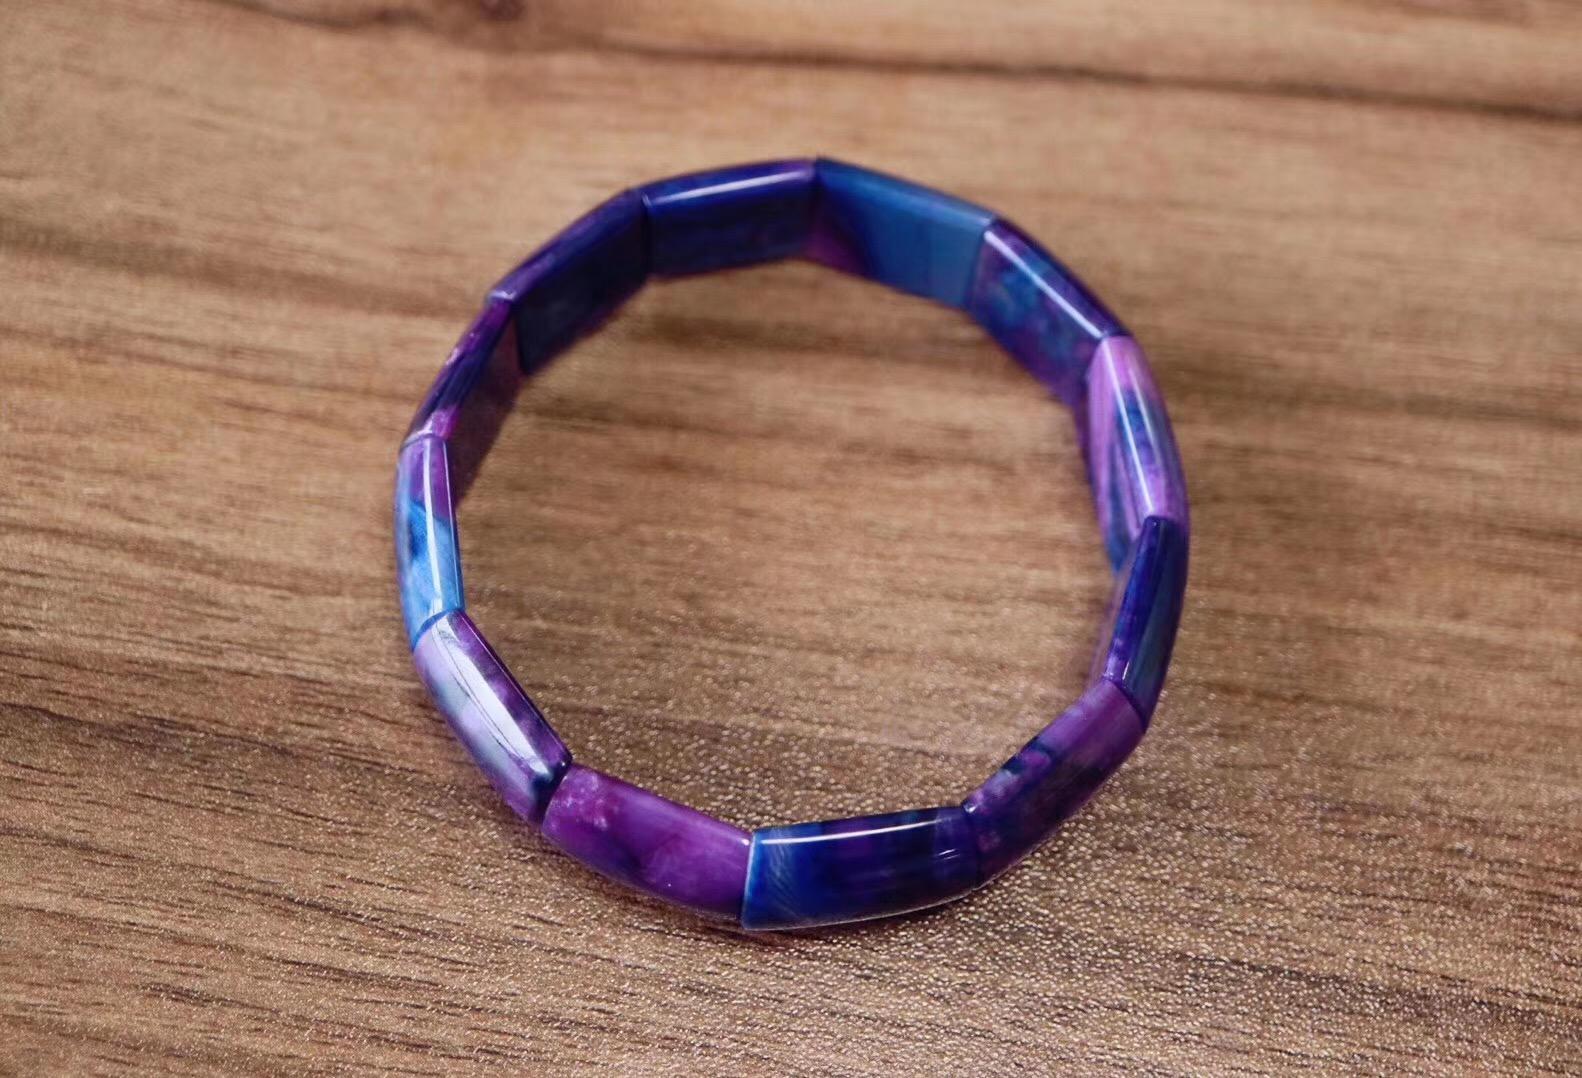 【菩心 | 舒俱来】犹如星际蓝紫,奇幻无穷-菩心晶舍